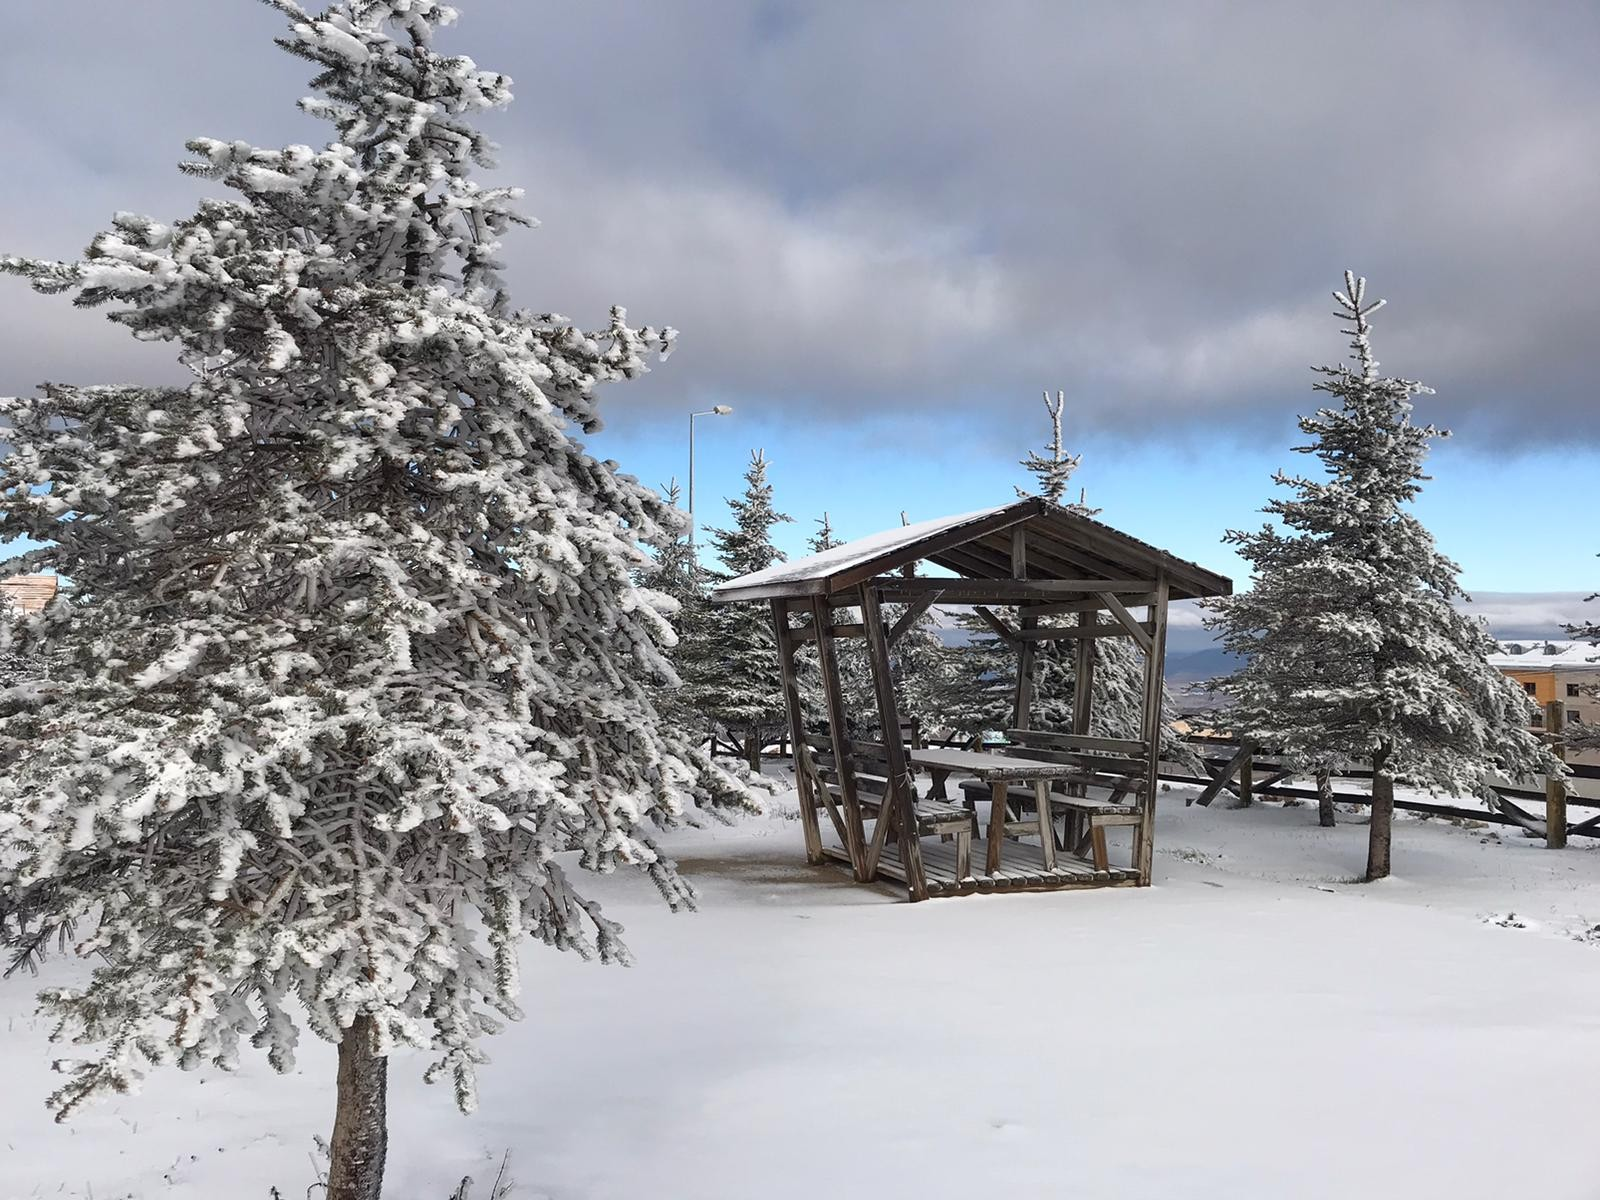 Samsun'a mevsimin ilk karı yağdı! Muhteşem görüntüler ortaya çıktı